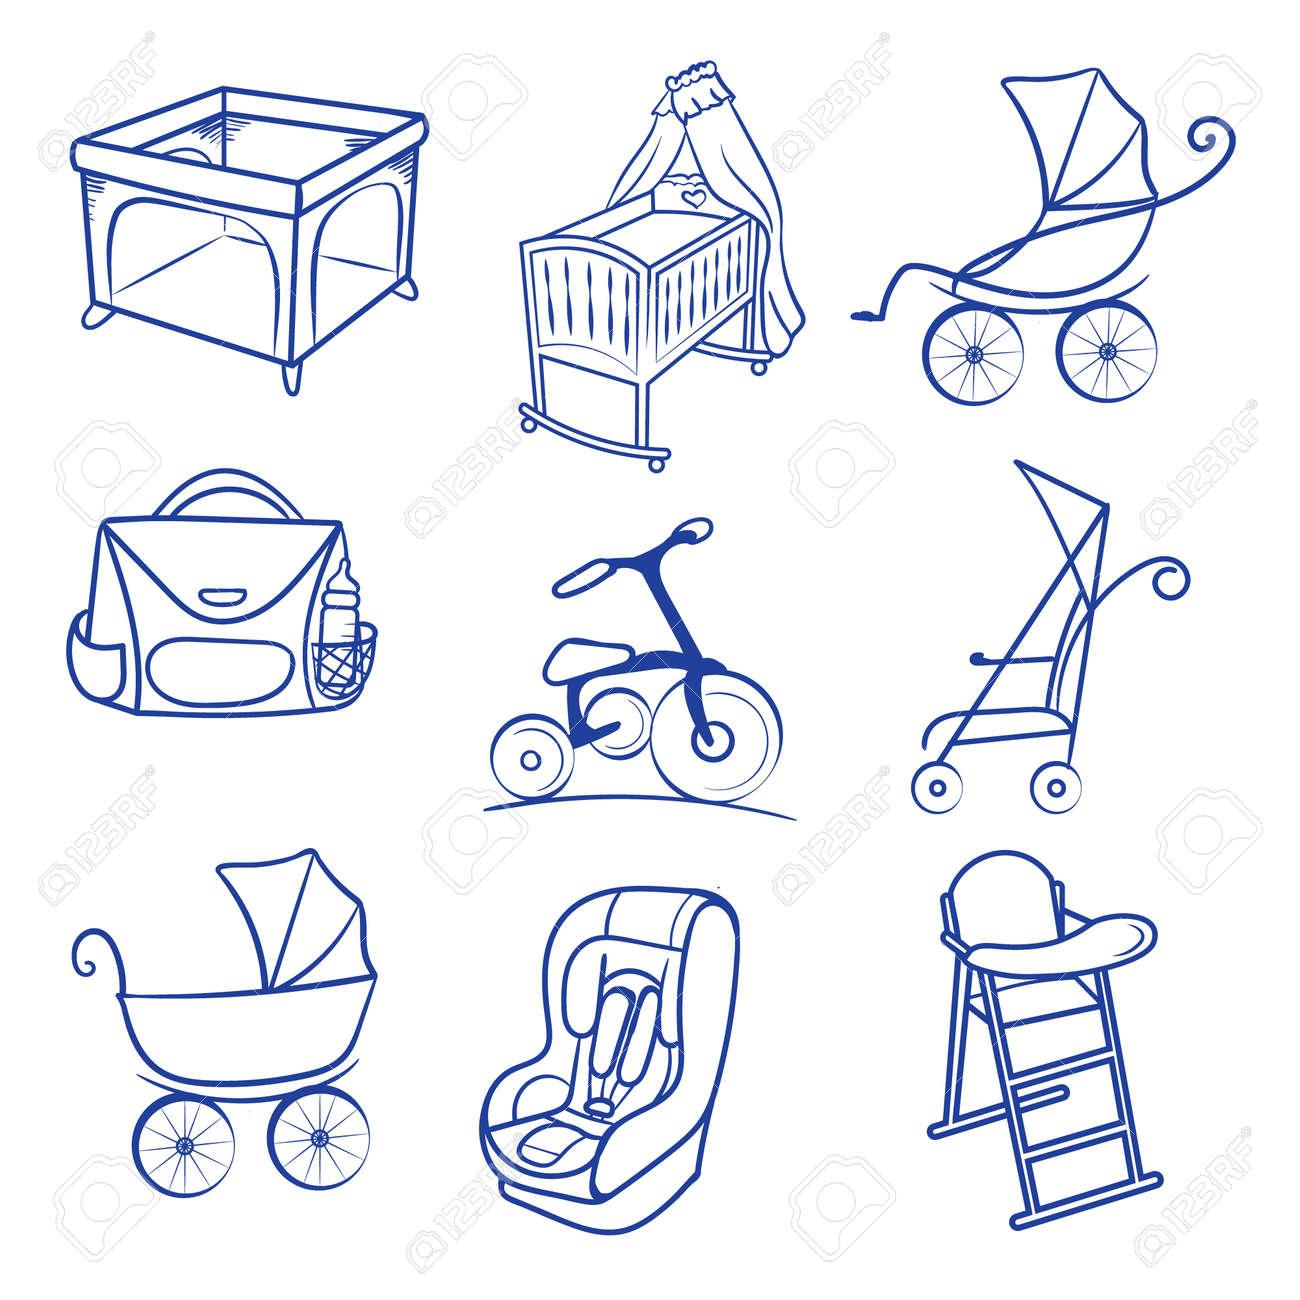 Stuhl gezeichnet  Baby-Zubehör-Icon-Set. Linie Skizze, Stuhl Gezeichnet Hand-Baby ...